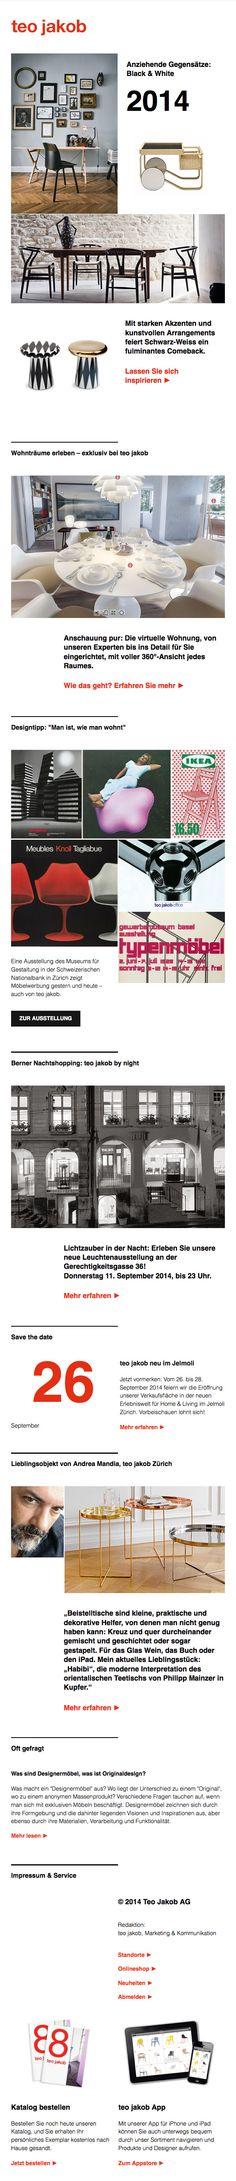 teo jakob Newsletter Design by nemuk